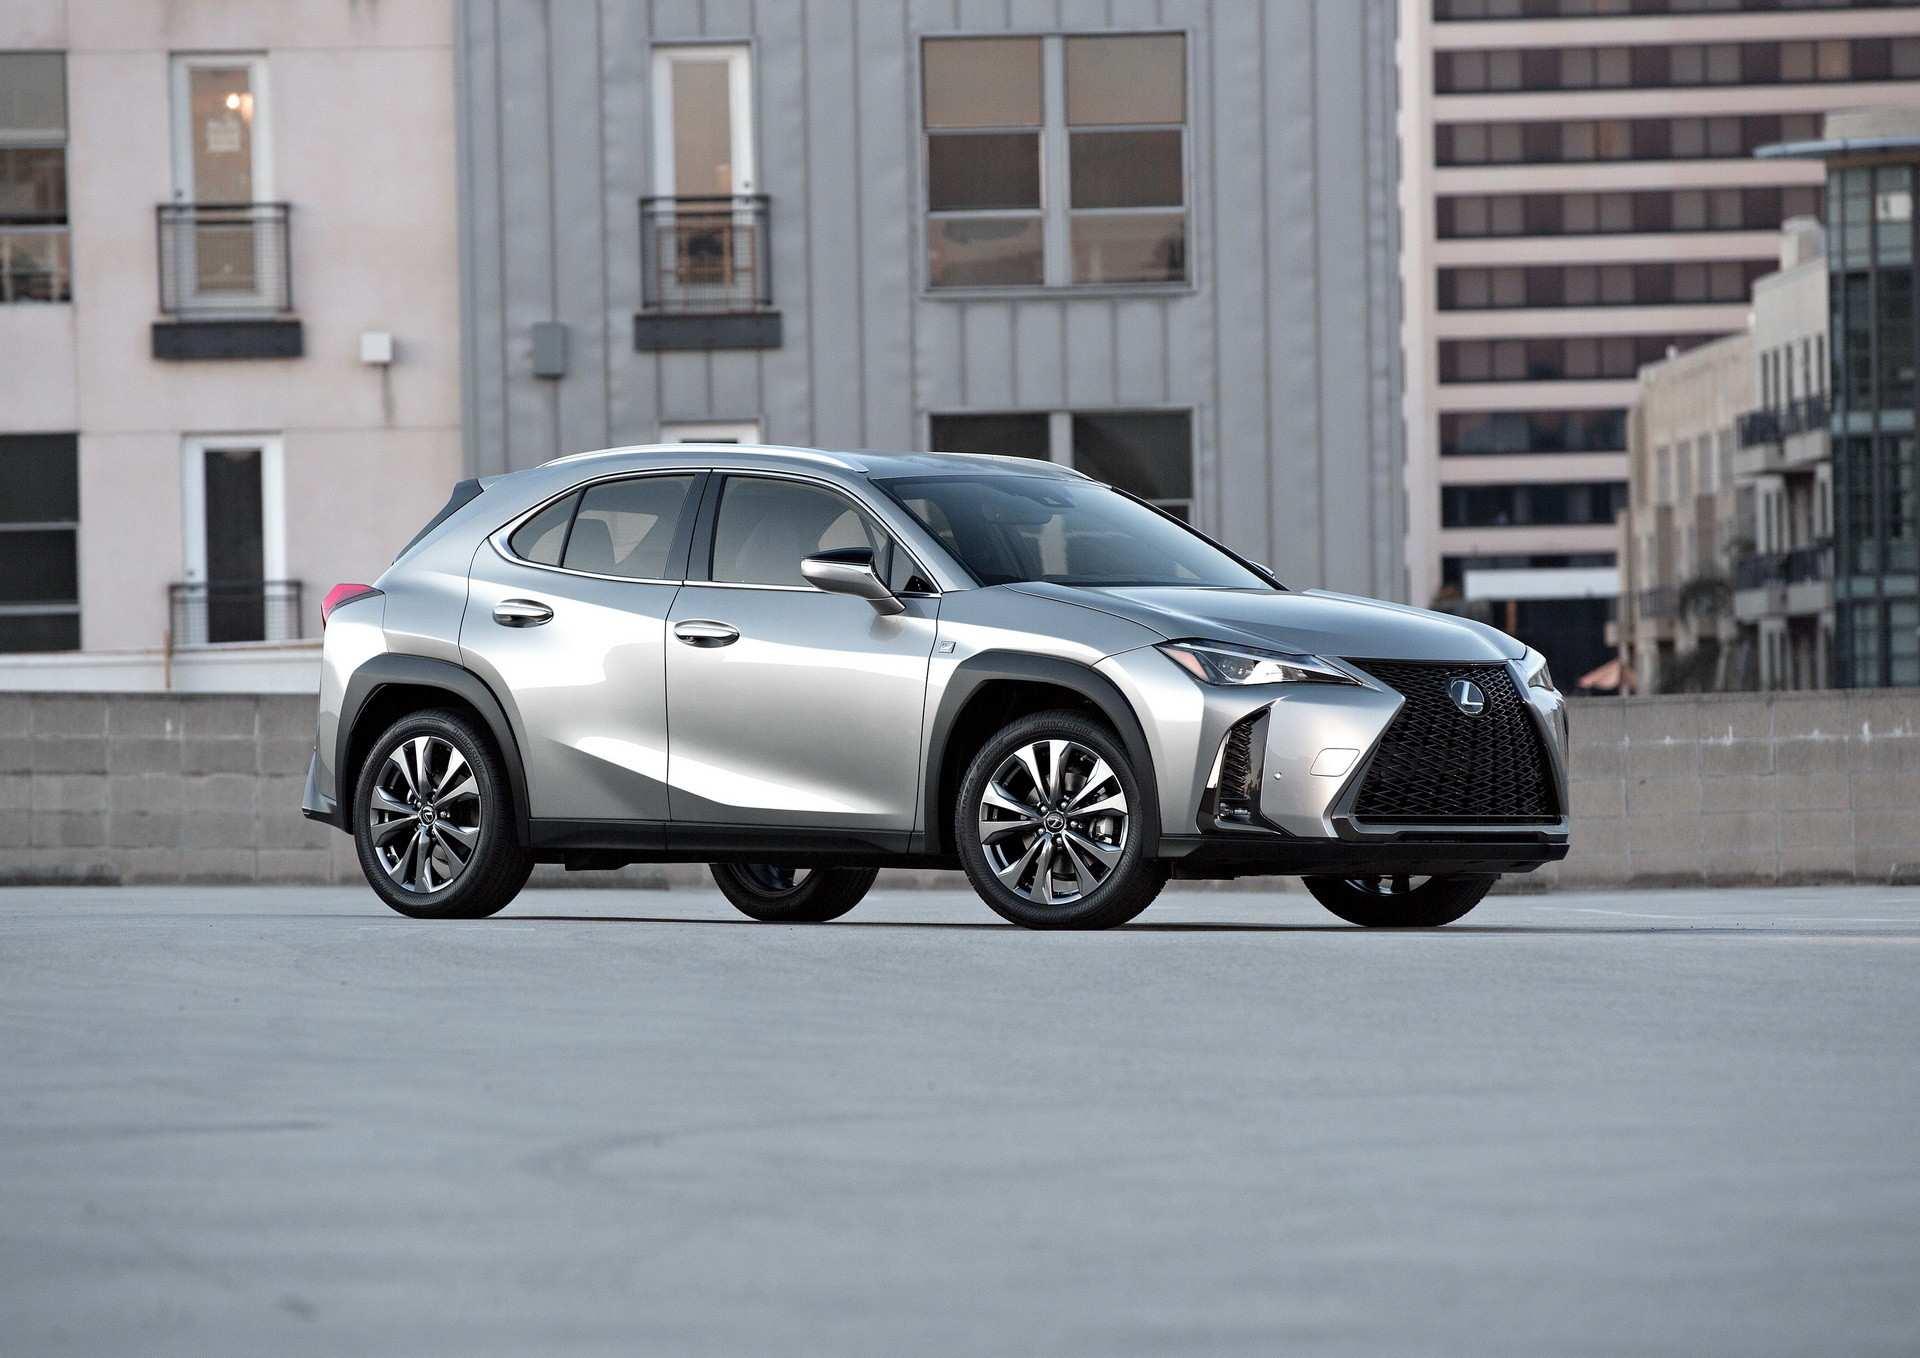 96 New Nuevo Lexus Ct 2020 Prices with Nuevo Lexus Ct 2020